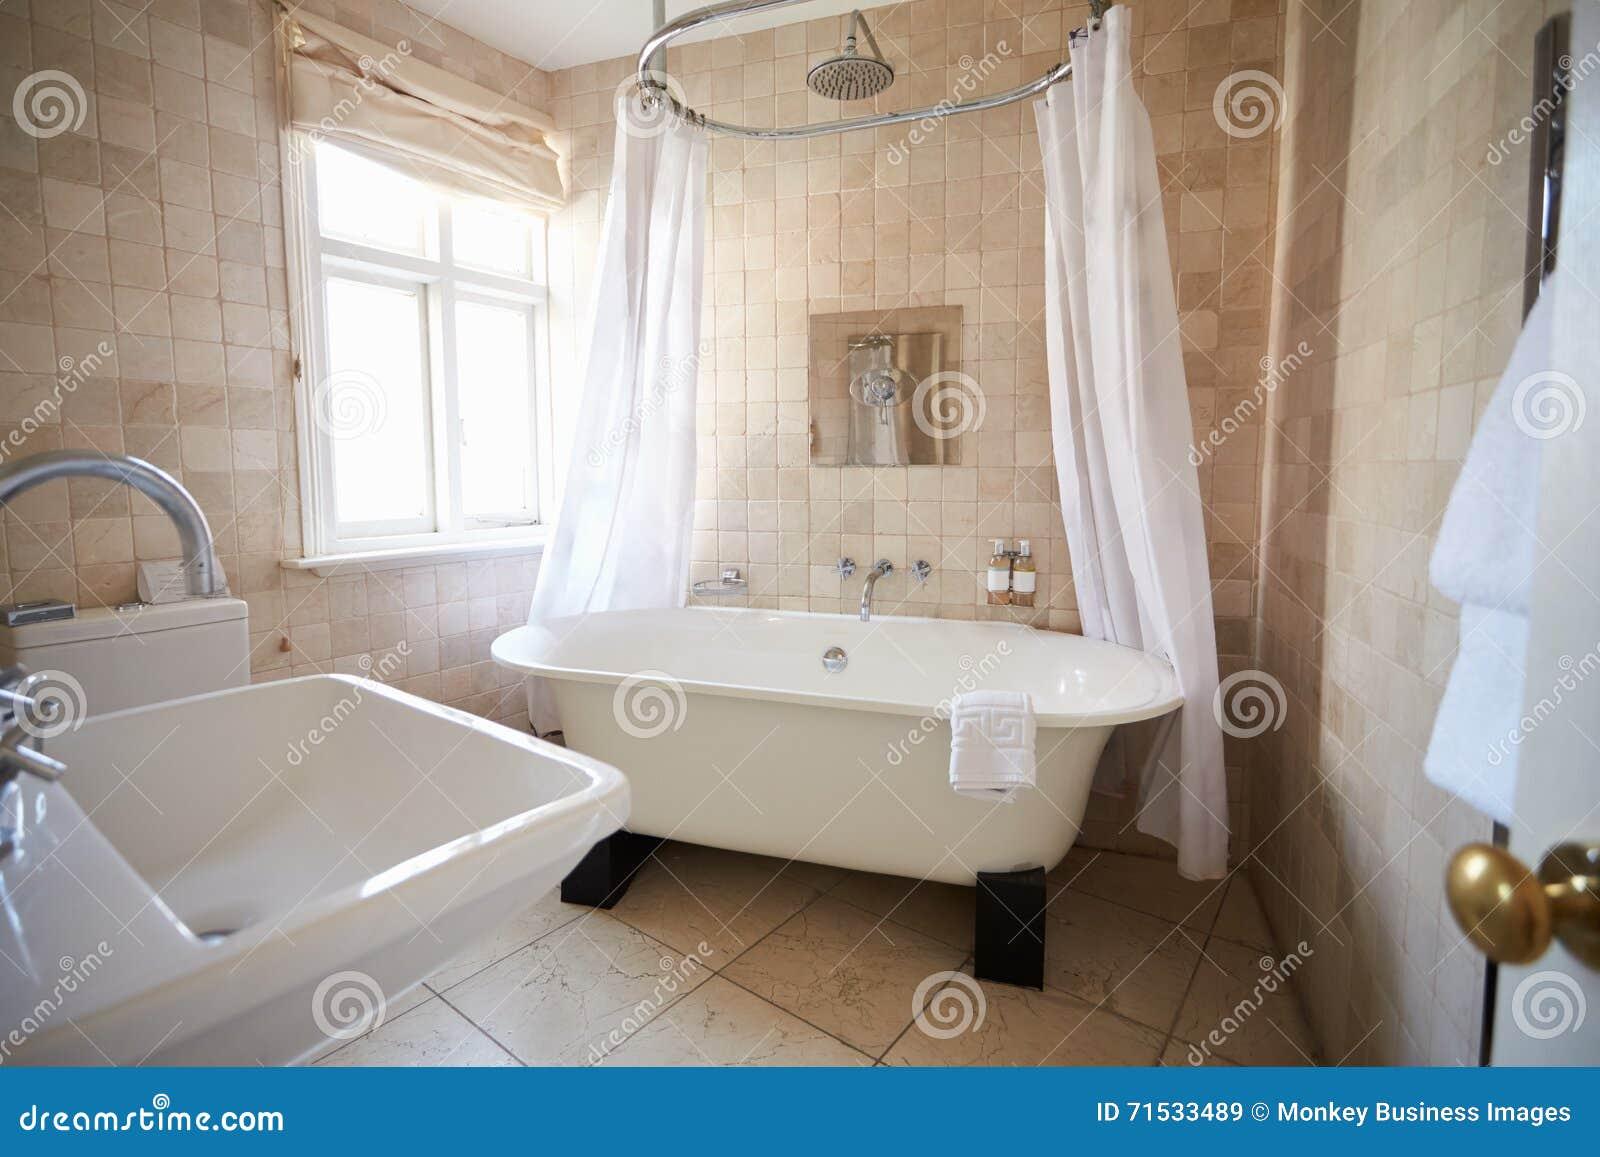 schönes badezimmer mit freiem stehendem bad und dusche stockfoto